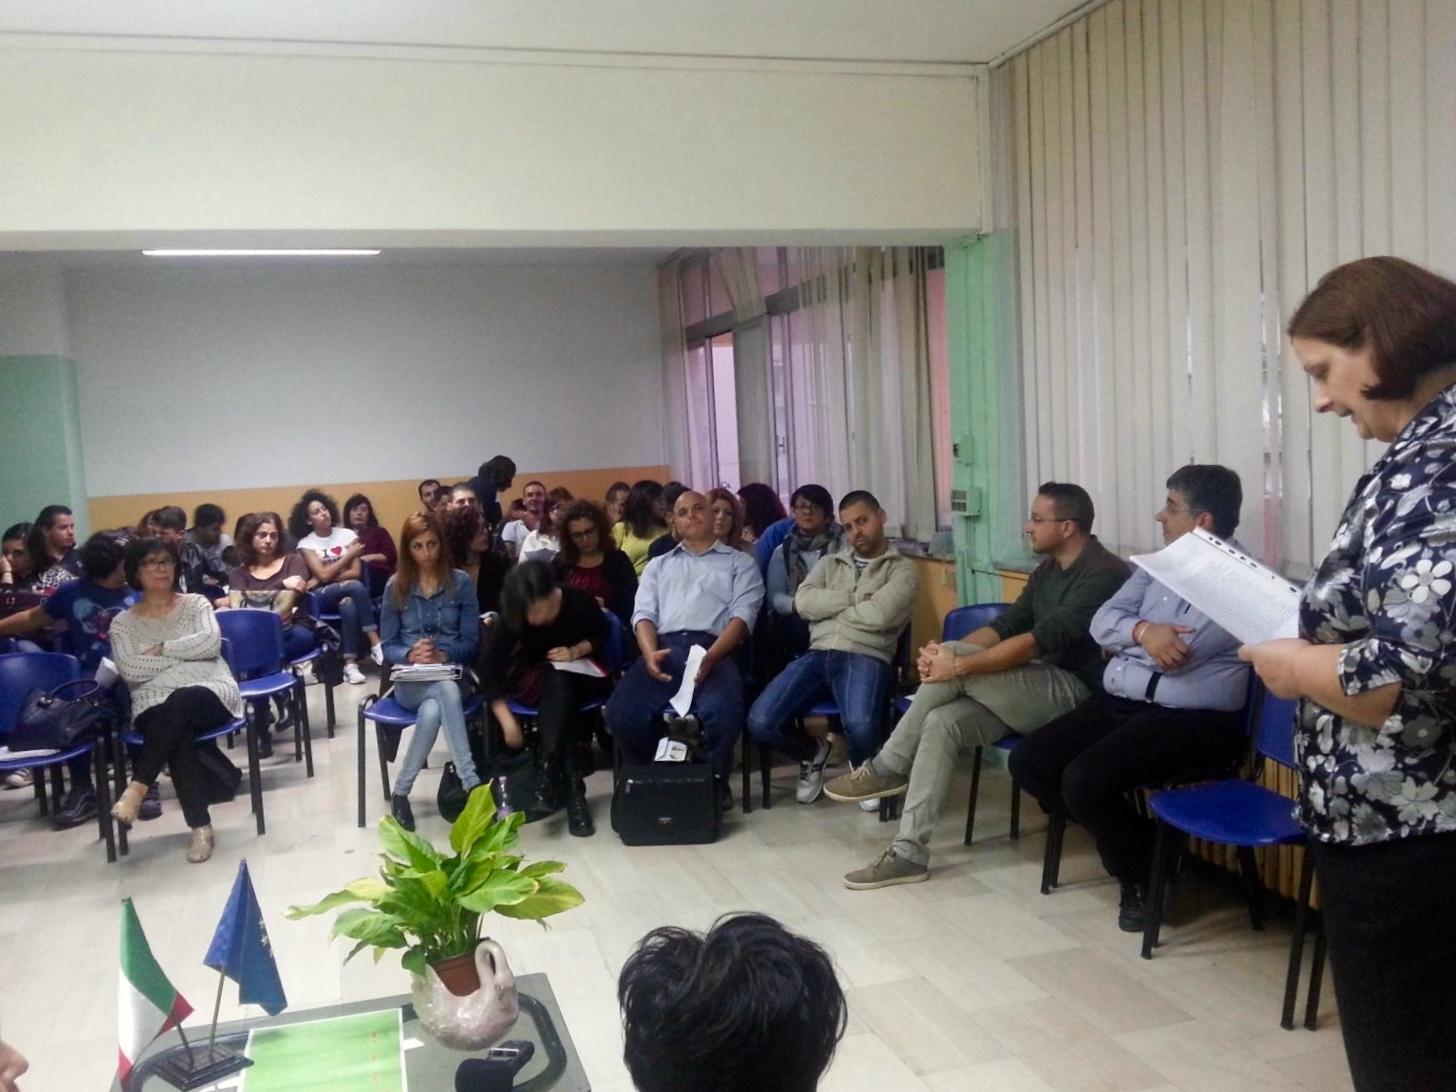 """Lamezia Terme (CZ), #TiLeggo. Istituto Professionale """"Einaudi"""".  un momento di lettura"""